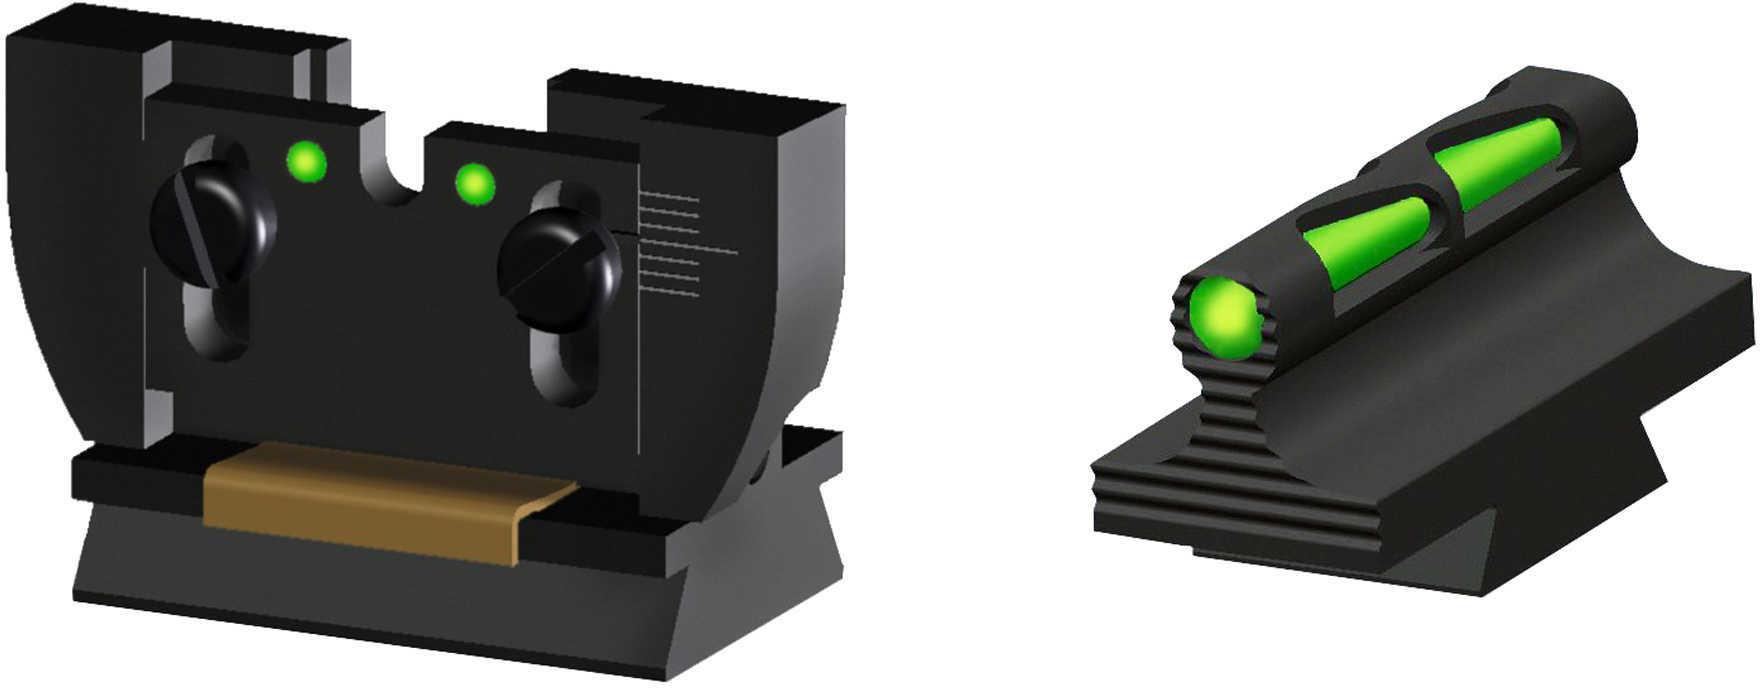 Hi-Viz Litewave Sight Fits Rug 10/22 3 Color Red White Green Front/Rear RG1022